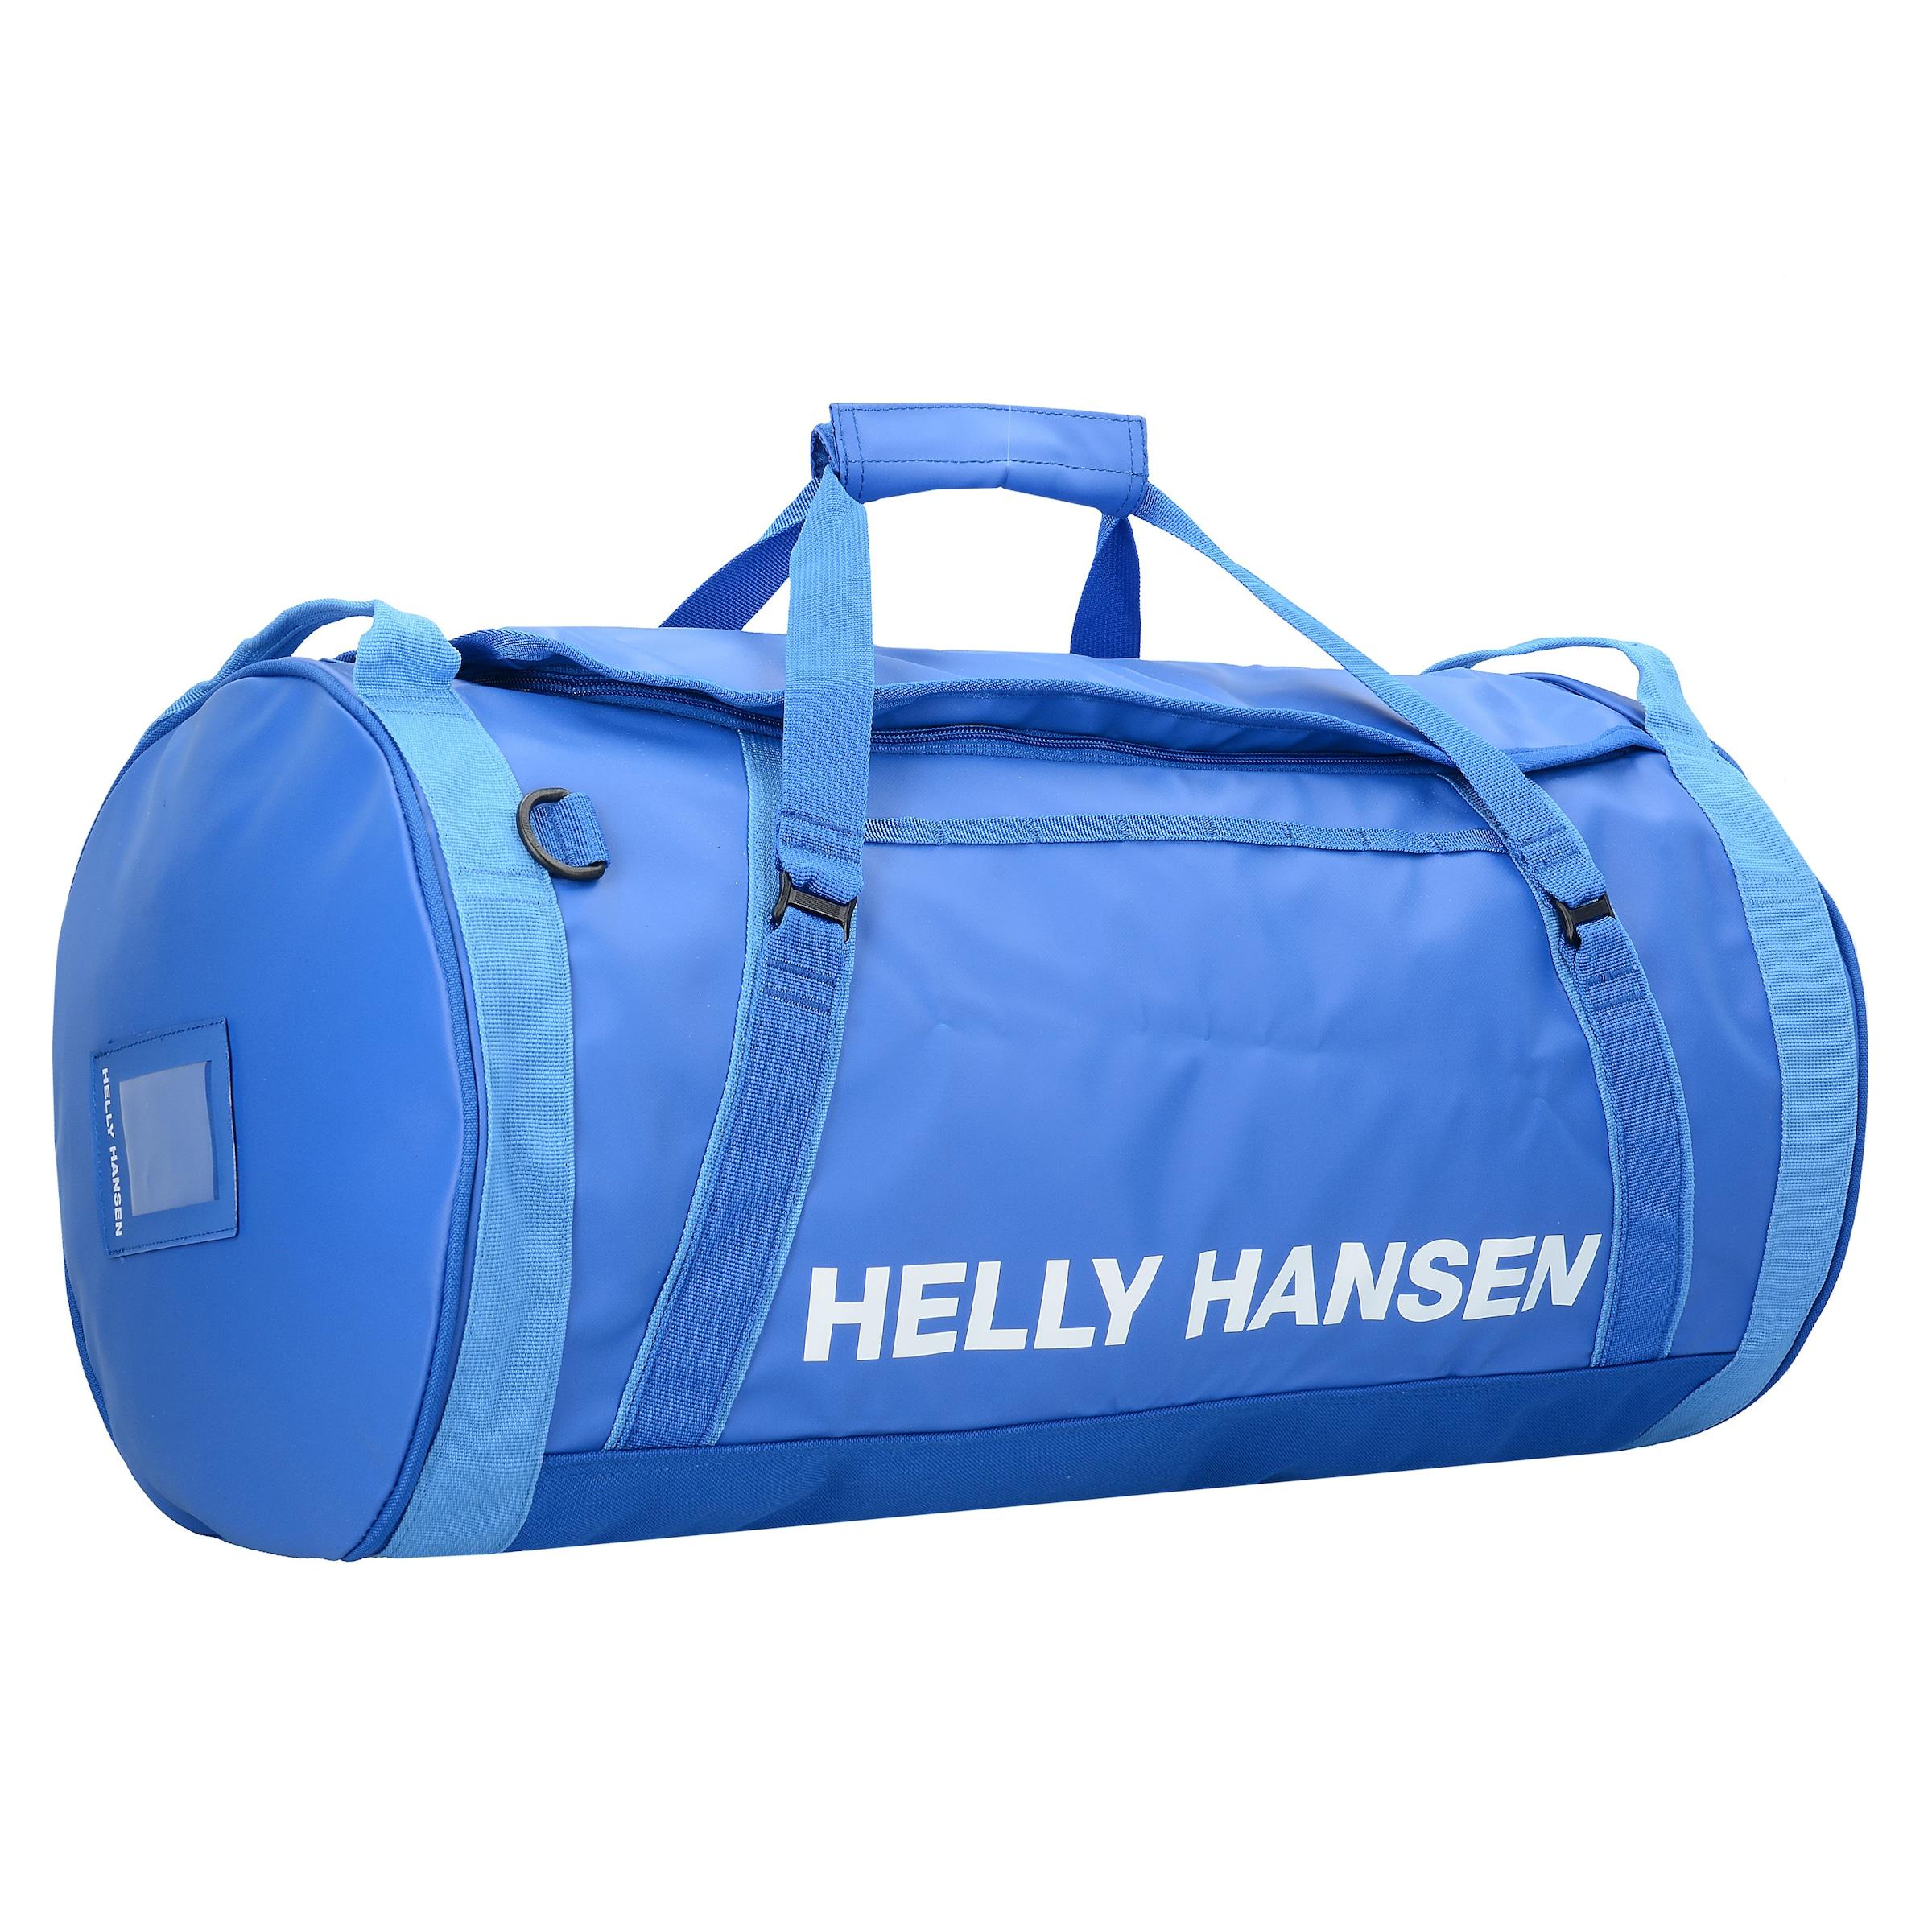 Freies Verschiffen Neuestes Extrem Günstiger Preis HELLY HANSEN Duffle Bag 2 Reisetasche 50L 60 cm Verkauf Ausgezeichnet 3Wu9wd56U